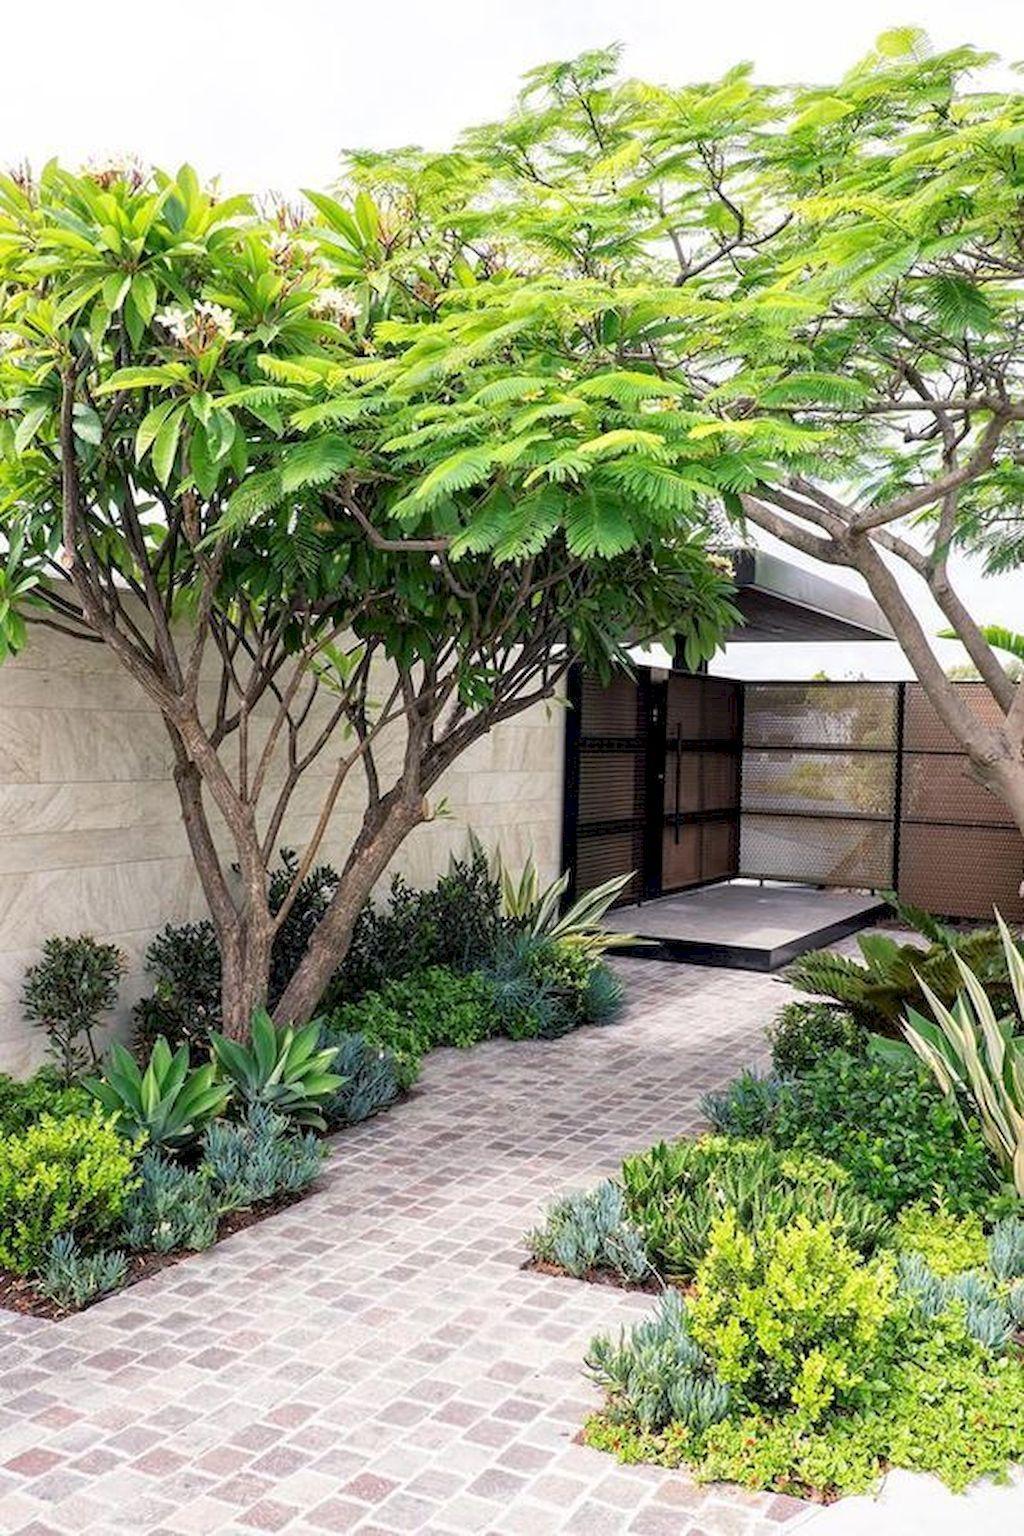 Landscapeonabudget Courtyard Gardens Design Small Courtyard Gardens Small Garden Design